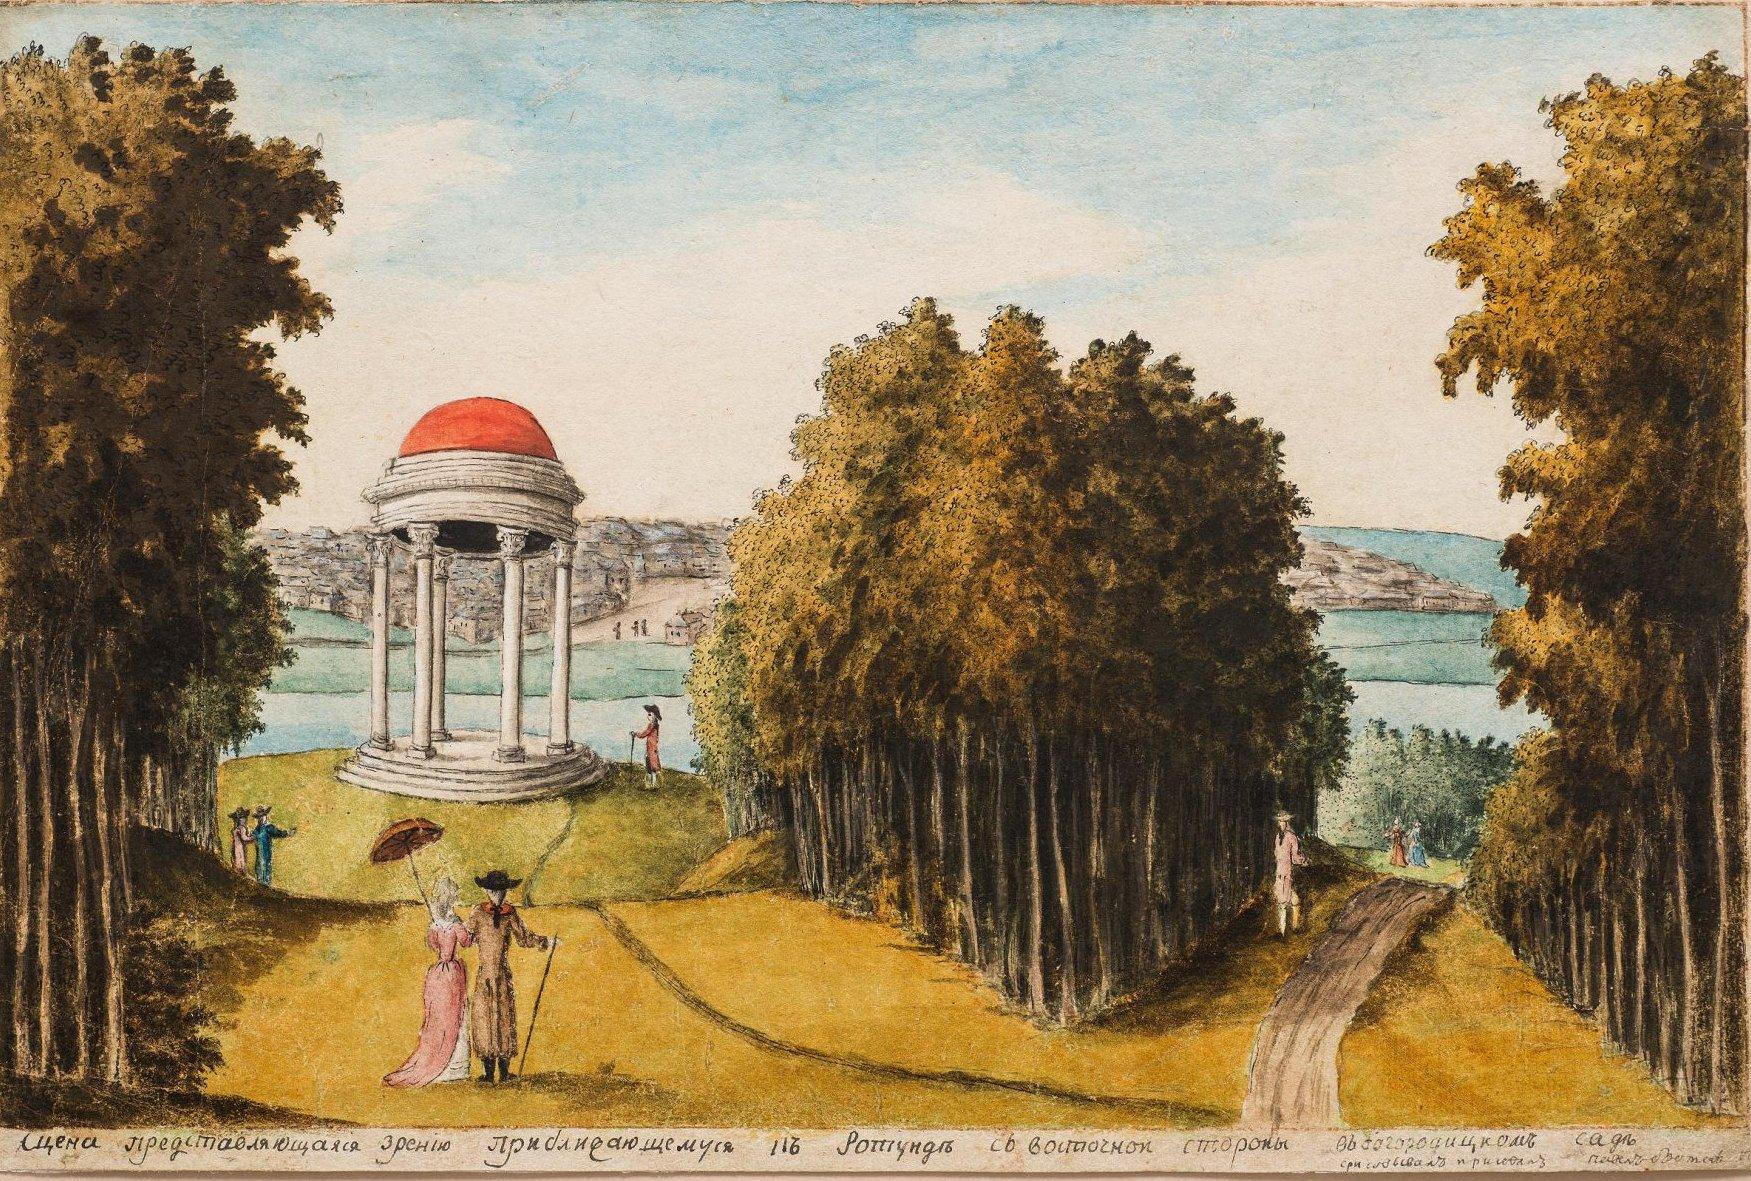 Вид на ротонду в Богородицком парке (с восточной стороны) (Сцена представляющаяся зрению приближающемуся к ротонде с восточной стороны в Богородицком саде)